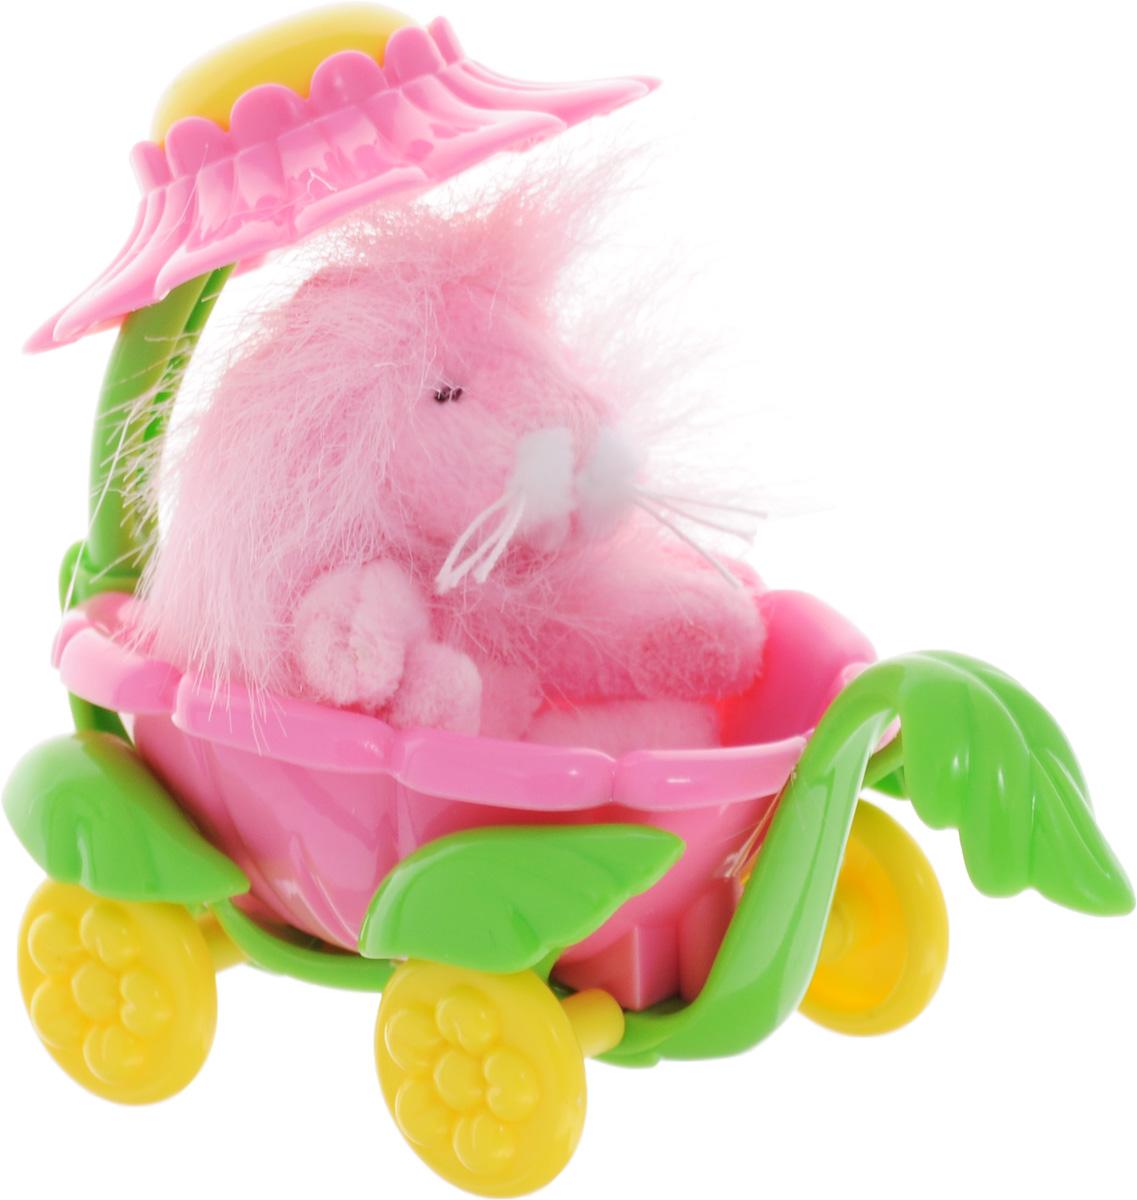 Beanzees Мягкая игрушка Львенок Lulu 5 смB32041Миниатюрные питомцы Beanzees - обитатели волшебного леса Бинзилэнд, в котором всегда ярко сияет солнышко и цветут цветы. Всего эта серия игрушек насчитывает более 50 различных персонажей! С ними можно играть, их можно коллекционировать, соединять между собой с помощью липучек на лапках и носить как ожерелья и браслеты, а кроме того, они являются замечательным антистрессом, поскольку их набивка состоит из маленьких округлых гранул, которые делают игрушку очень приятной на ощупь! Замечательный набор, включающий плюшевого львенка Лулу и вагончик в виде листьев и цветов - отличный подарок для вашей дочурки.